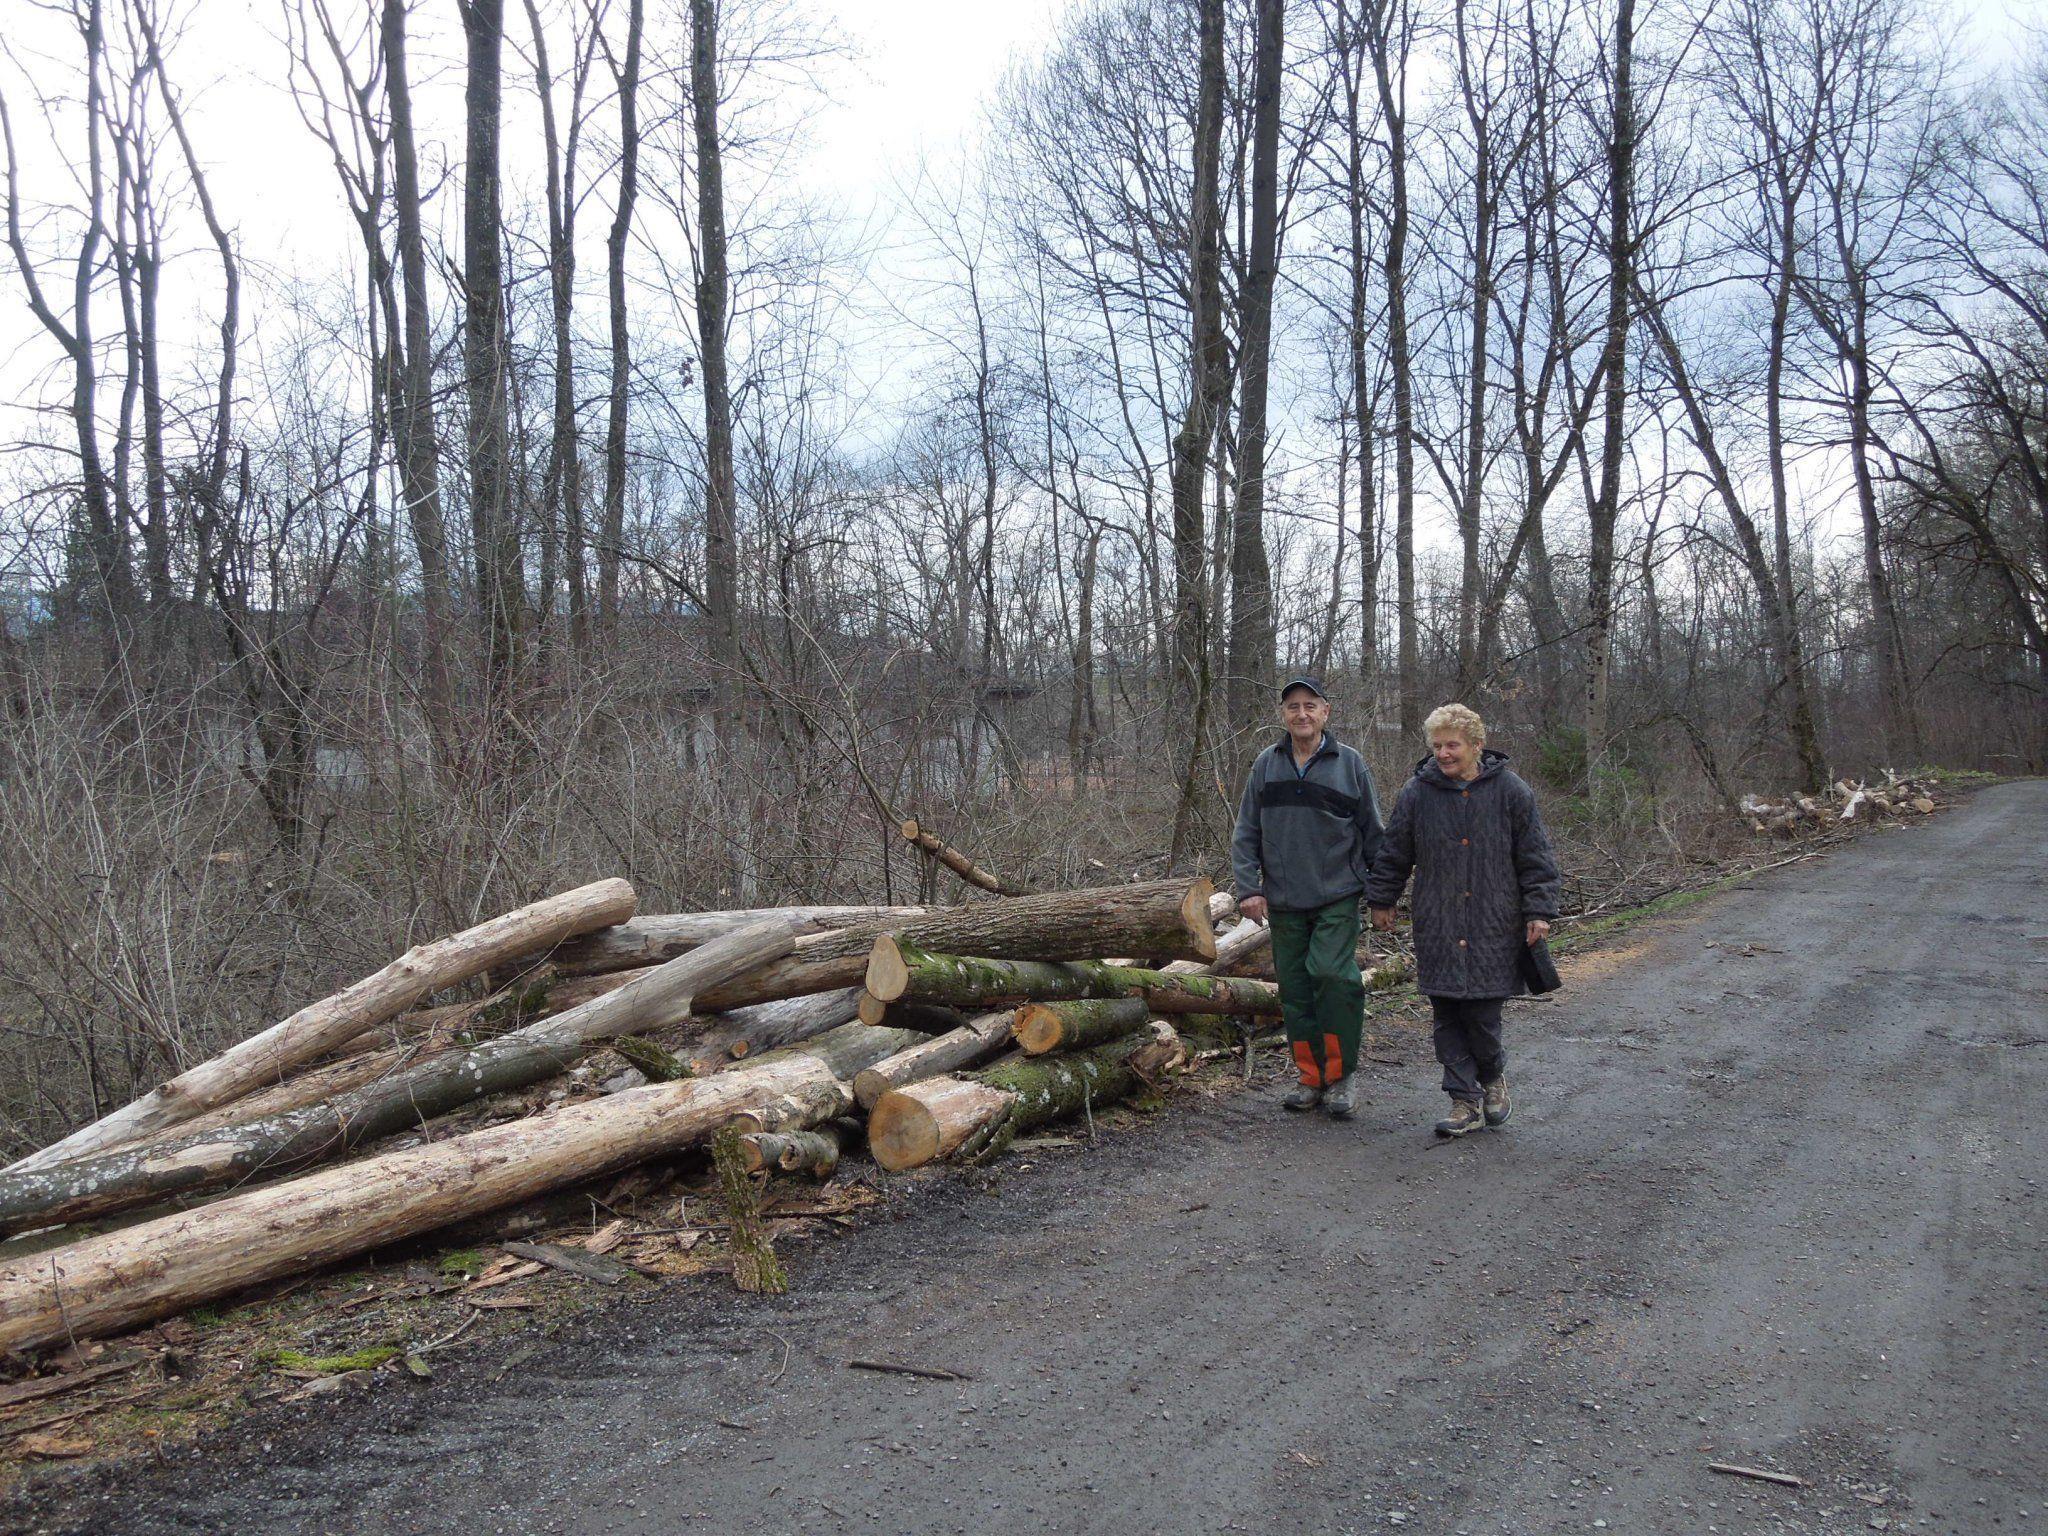 Die Idee, die abgeholzten Bäume durch neue Nussbäume zu ersetzen, stößt im BF auf großen Anklang.